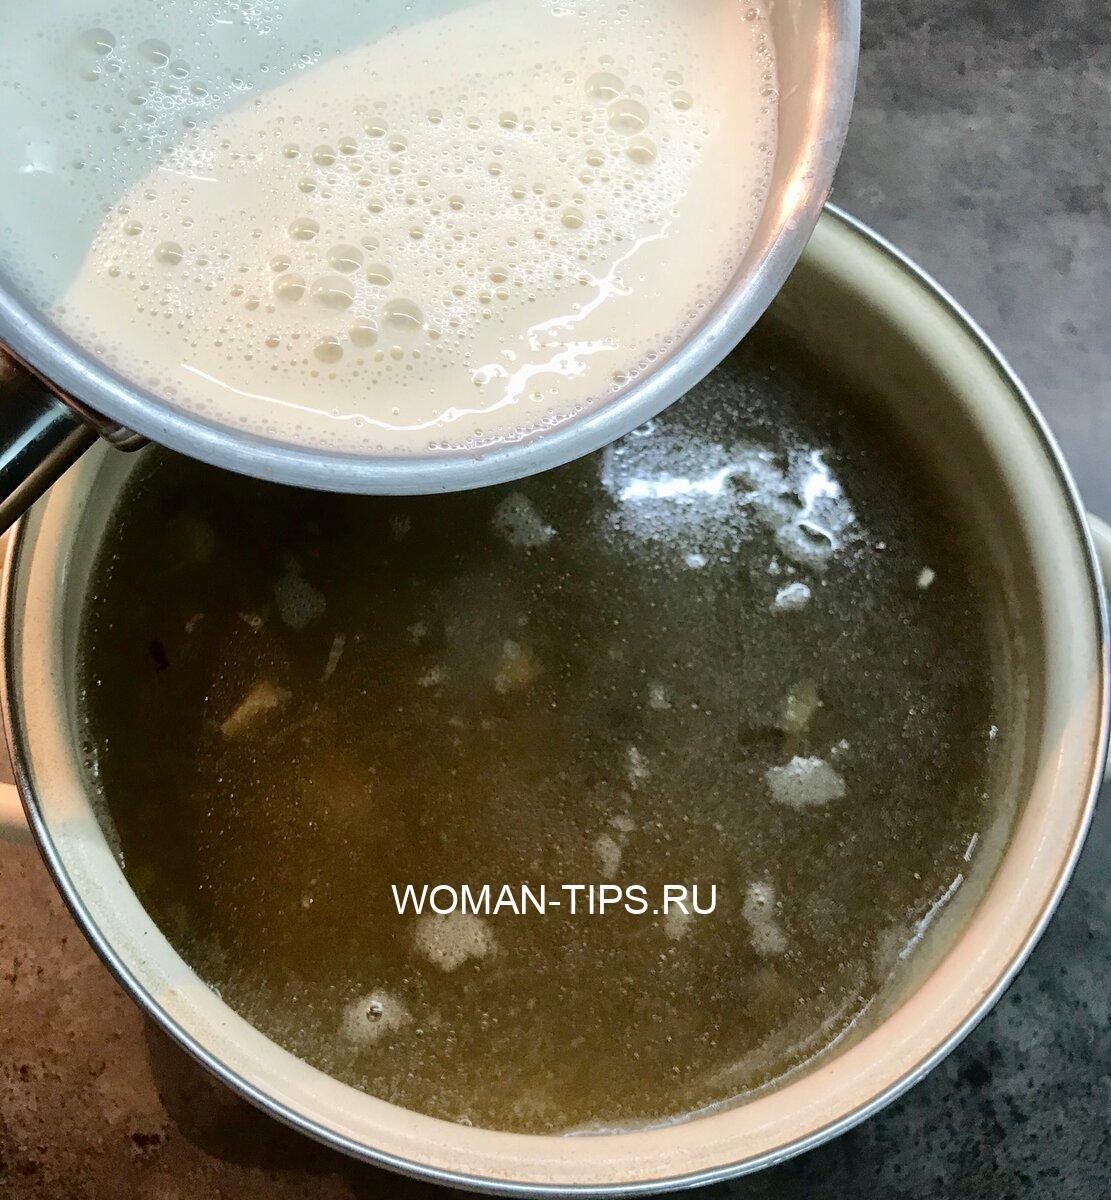 ne-sup-a-pishha-bogov-poshagovyj-recept-2b6f7a1-9439355